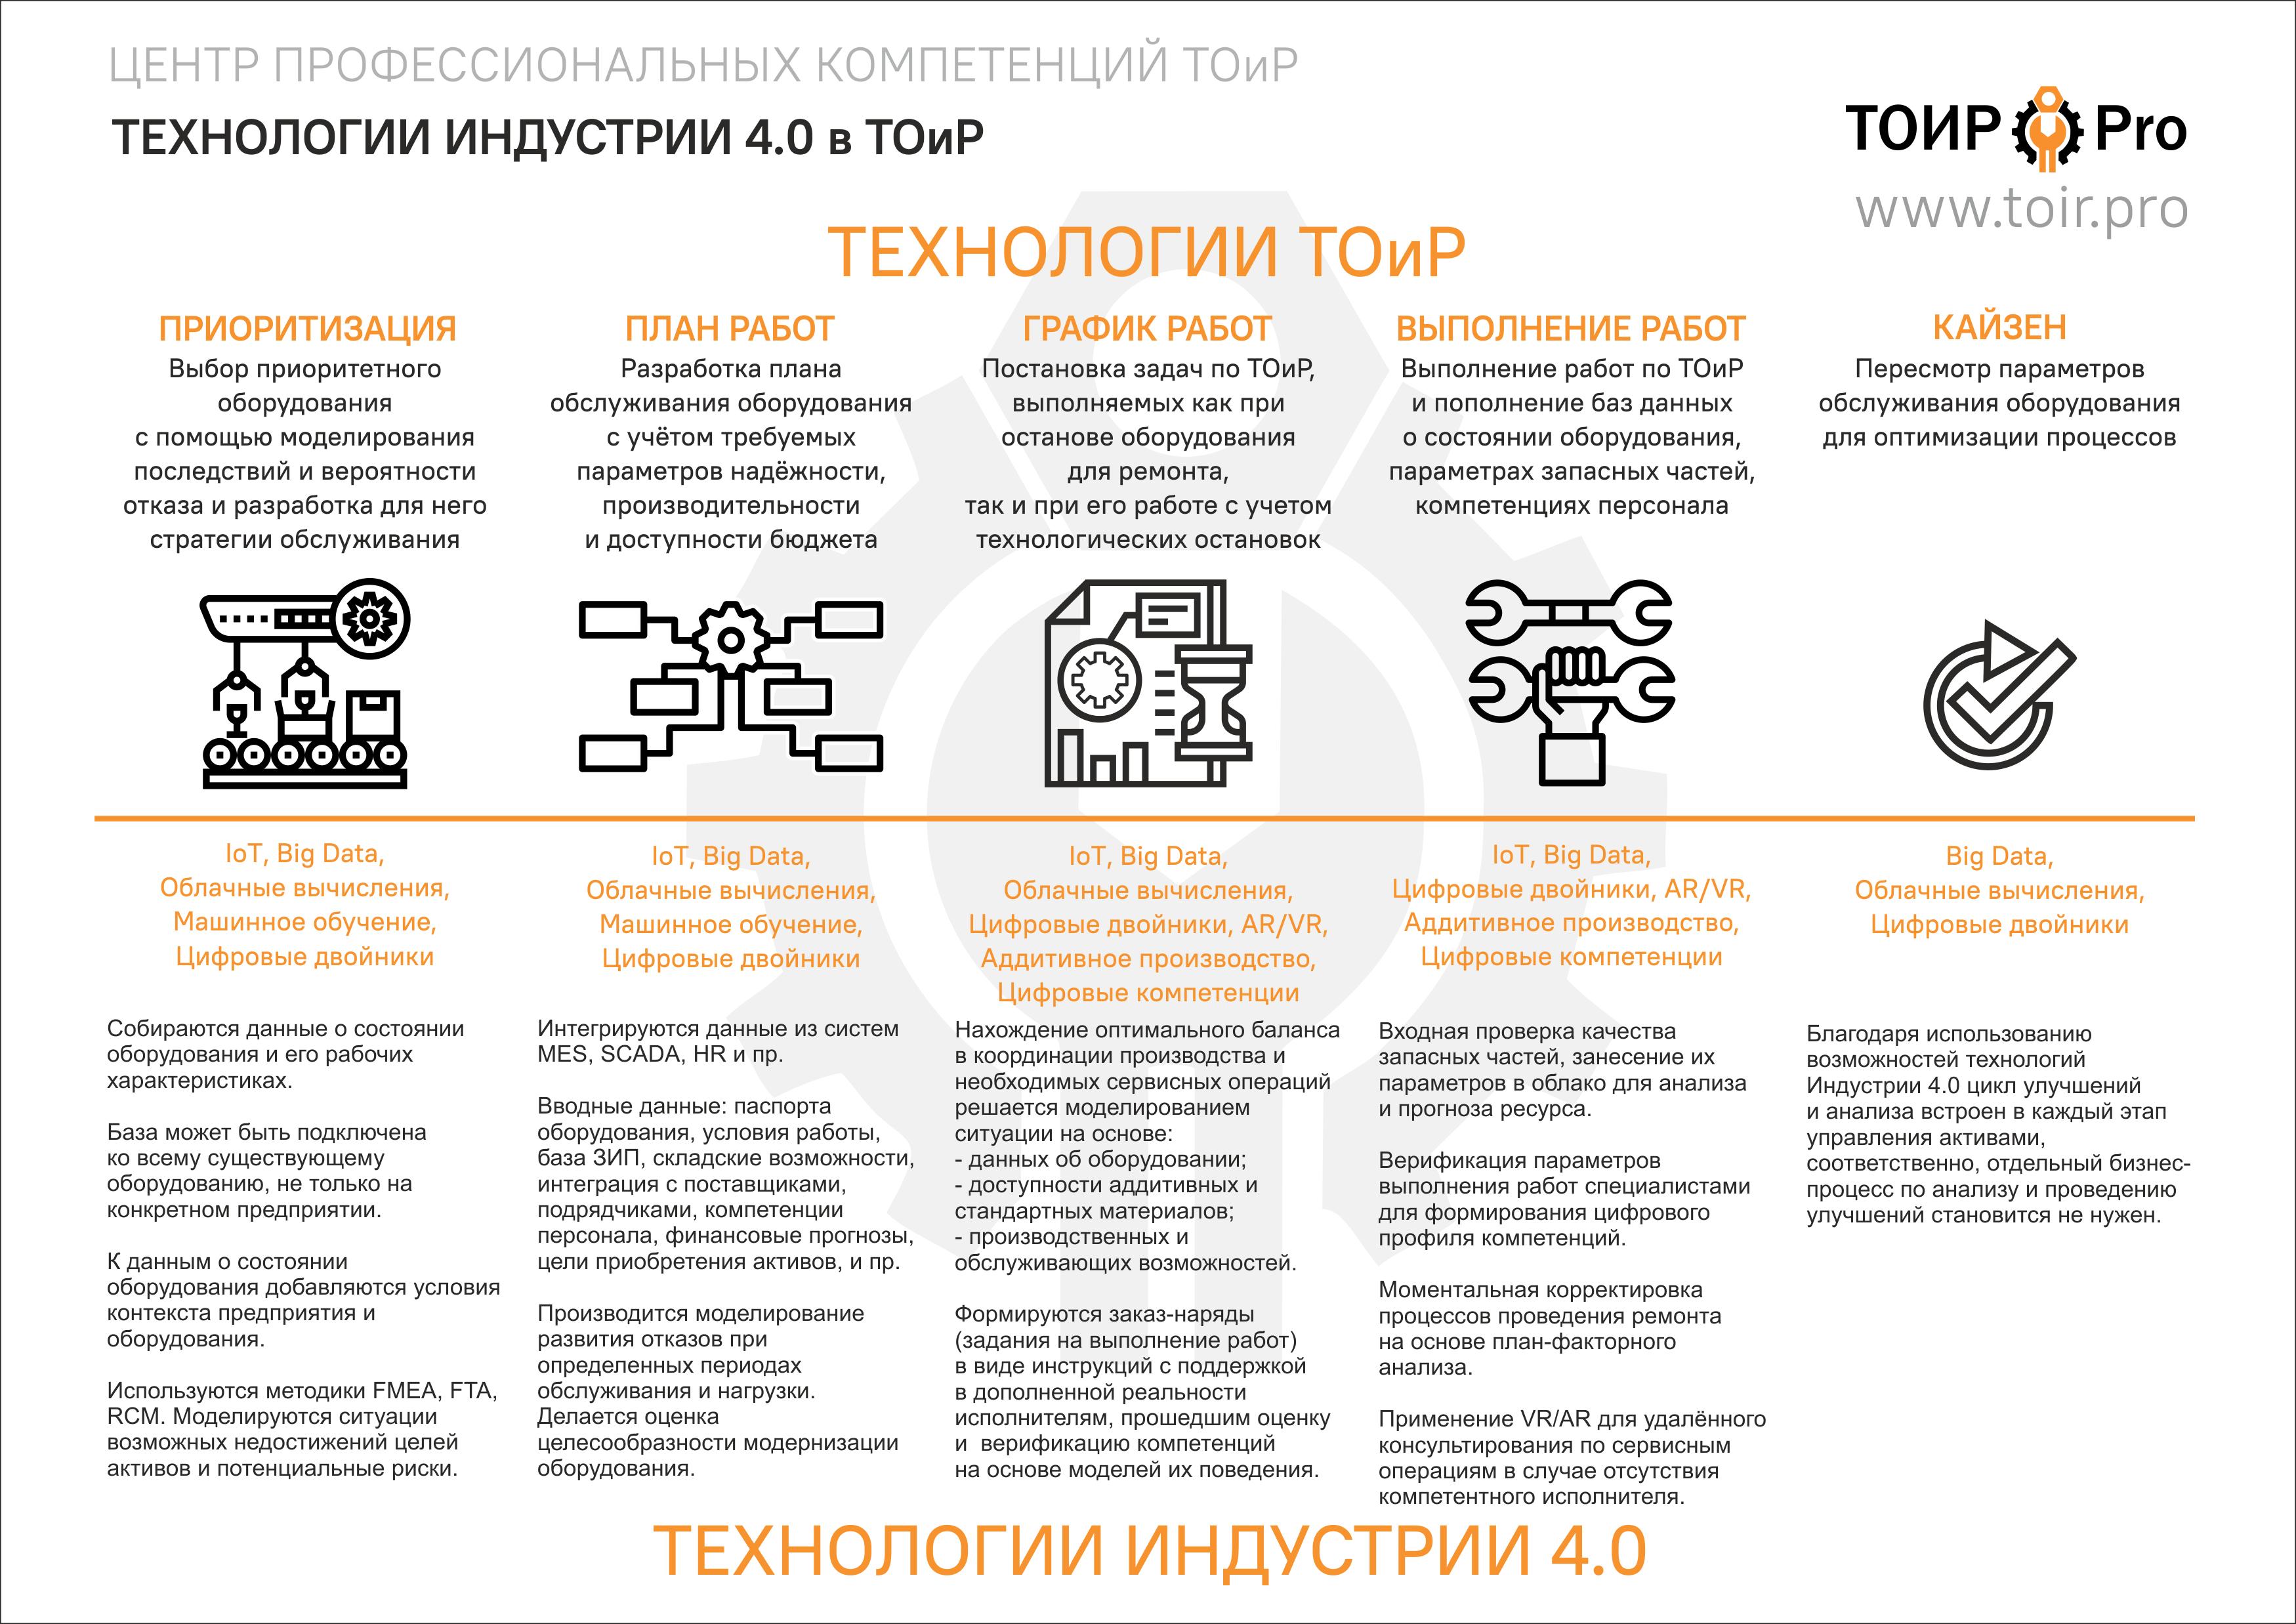 Цифровые технологии для ТОиР